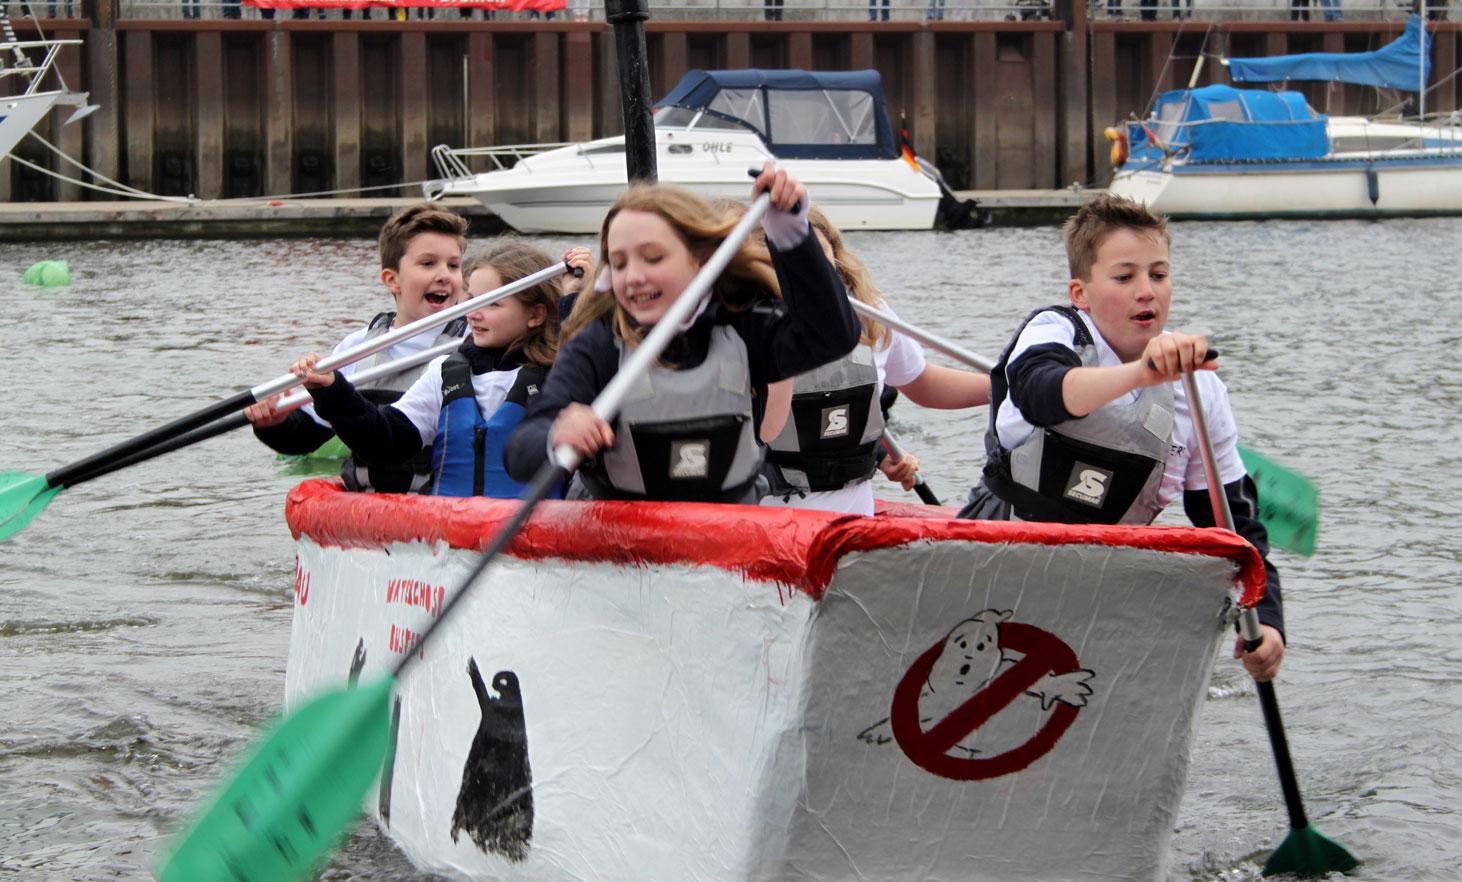 Kinder in ihrem Pappboot auf dem Wasser.